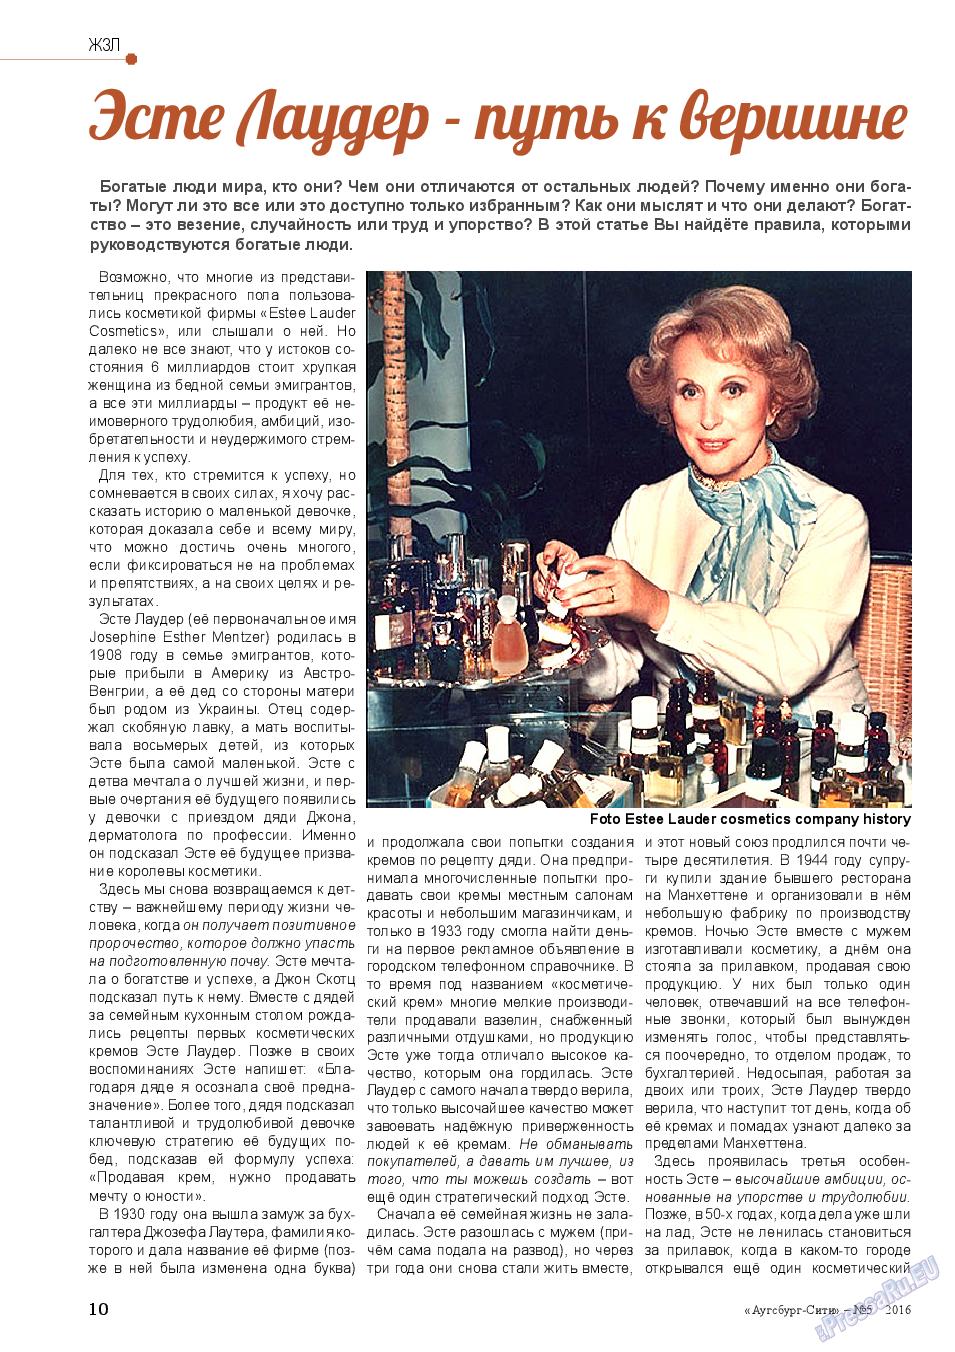 Аугсбург-сити (журнал). 2016 год, номер 5, стр. 10